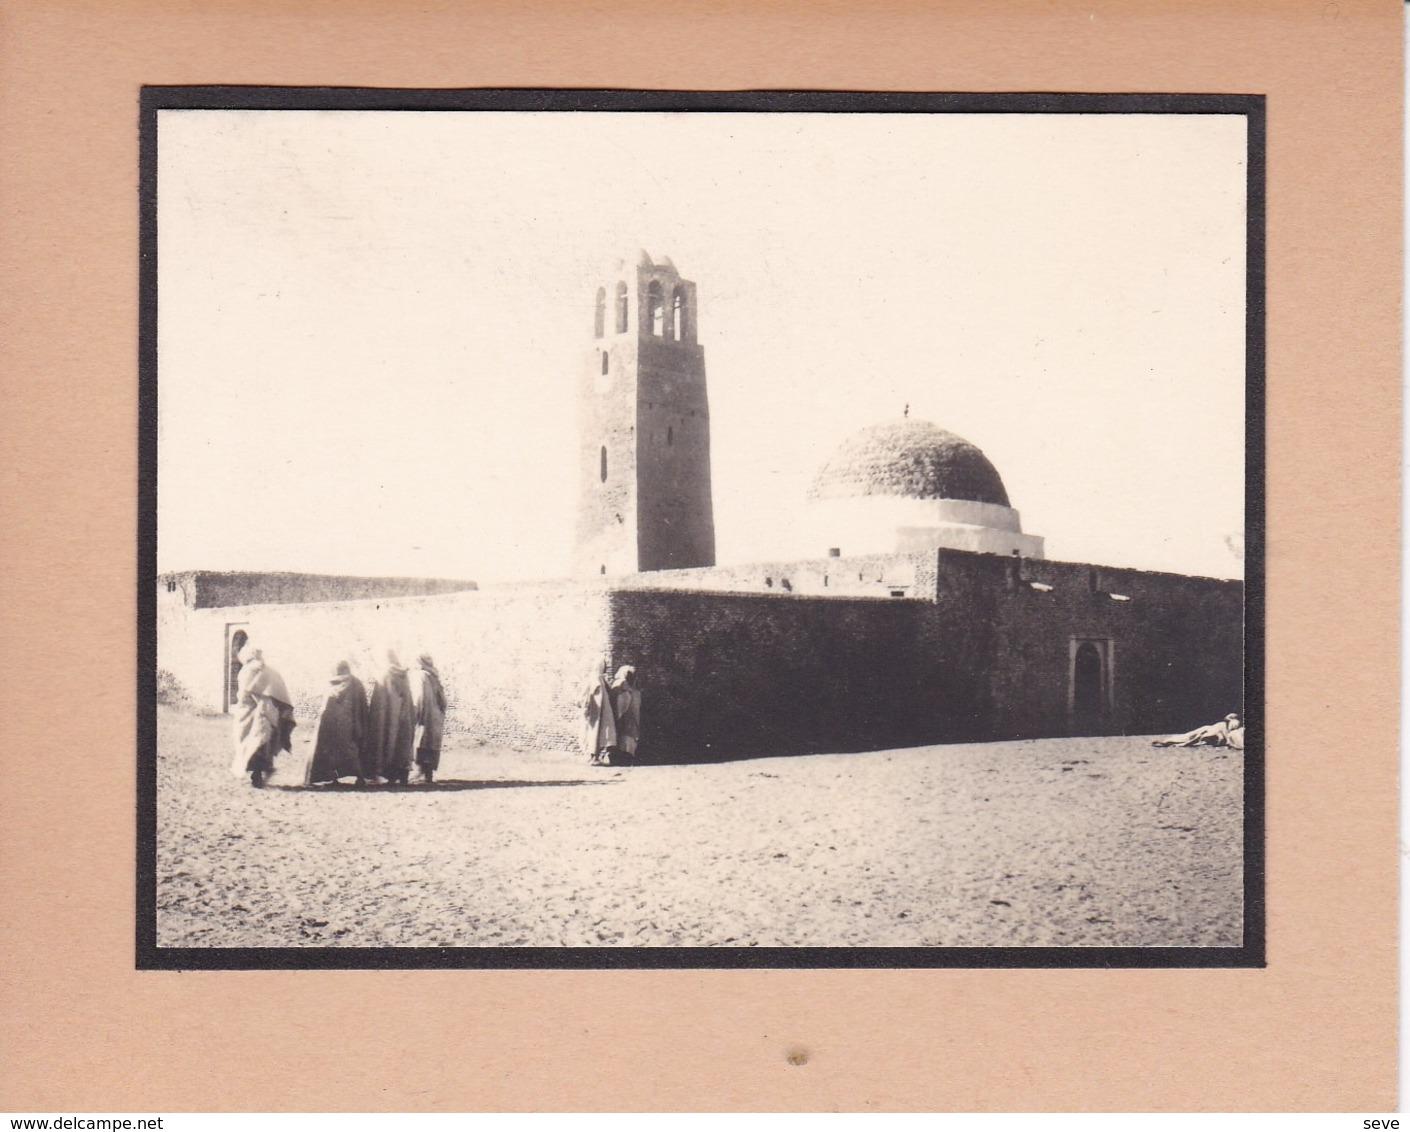 TOZEUR TUNISIE Ambiance De Rue Mosquée 1923. Photo Amateur Format Environ 5,5 Cm X 5 Cm - Lugares